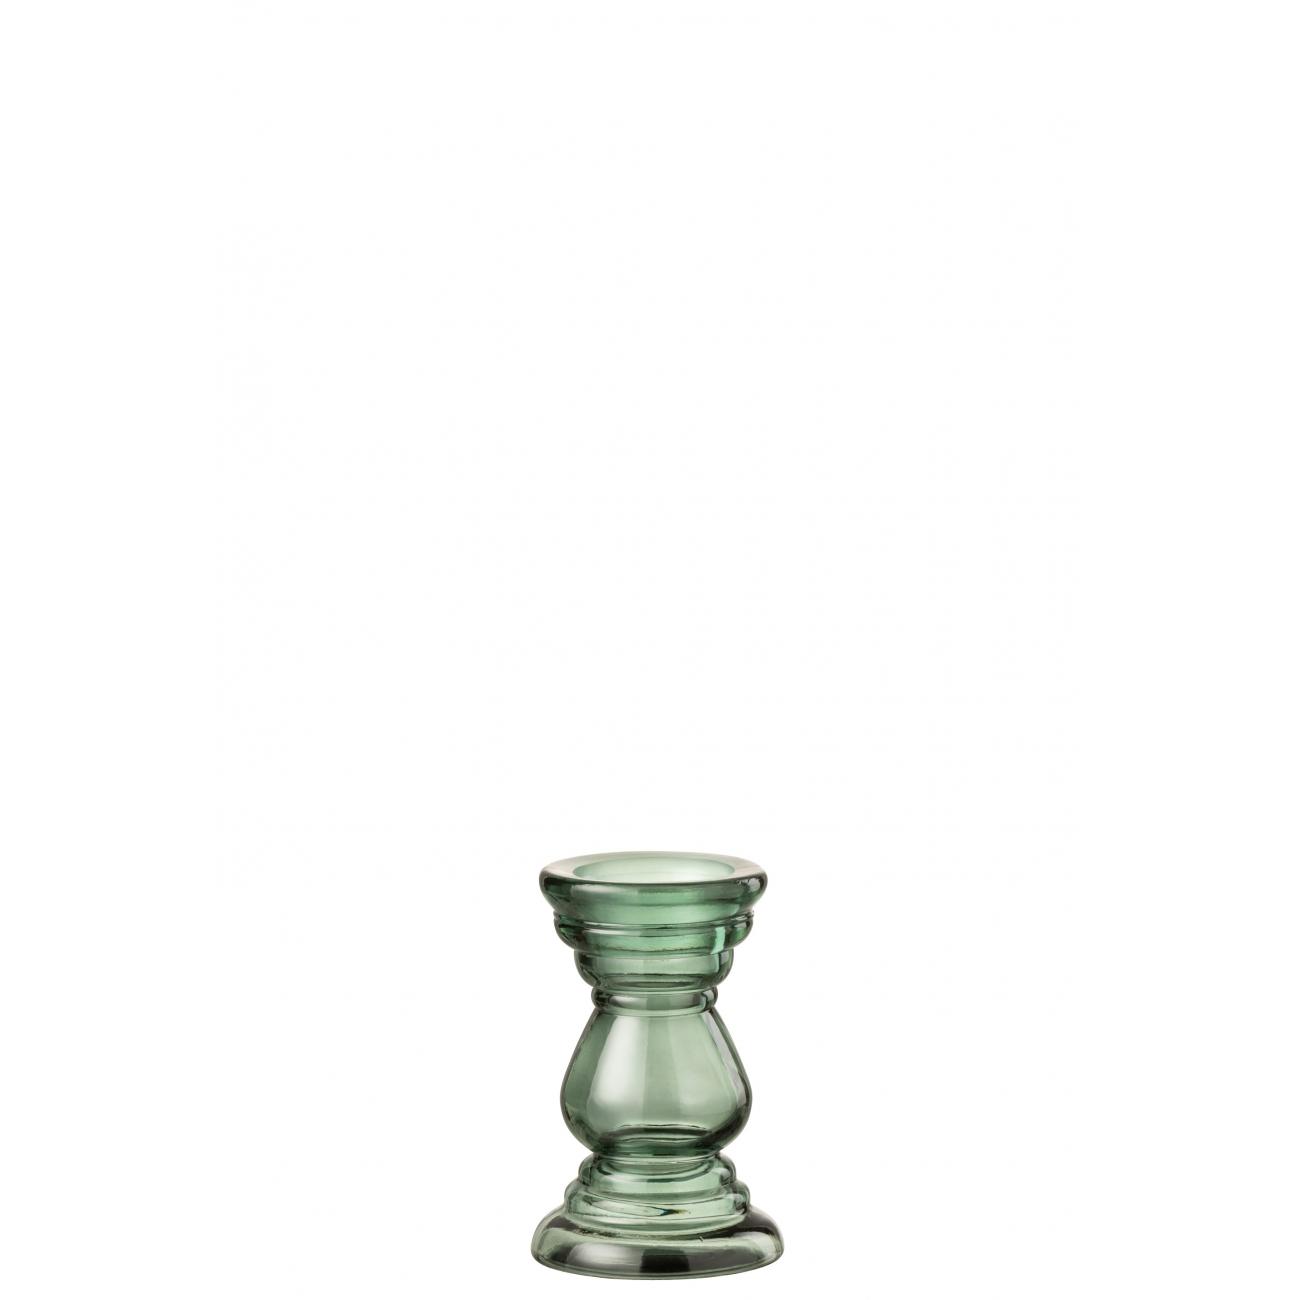 Подсвечник J-LINE стеклянный фигурный зеленого цвета высота 20 см Бельгия